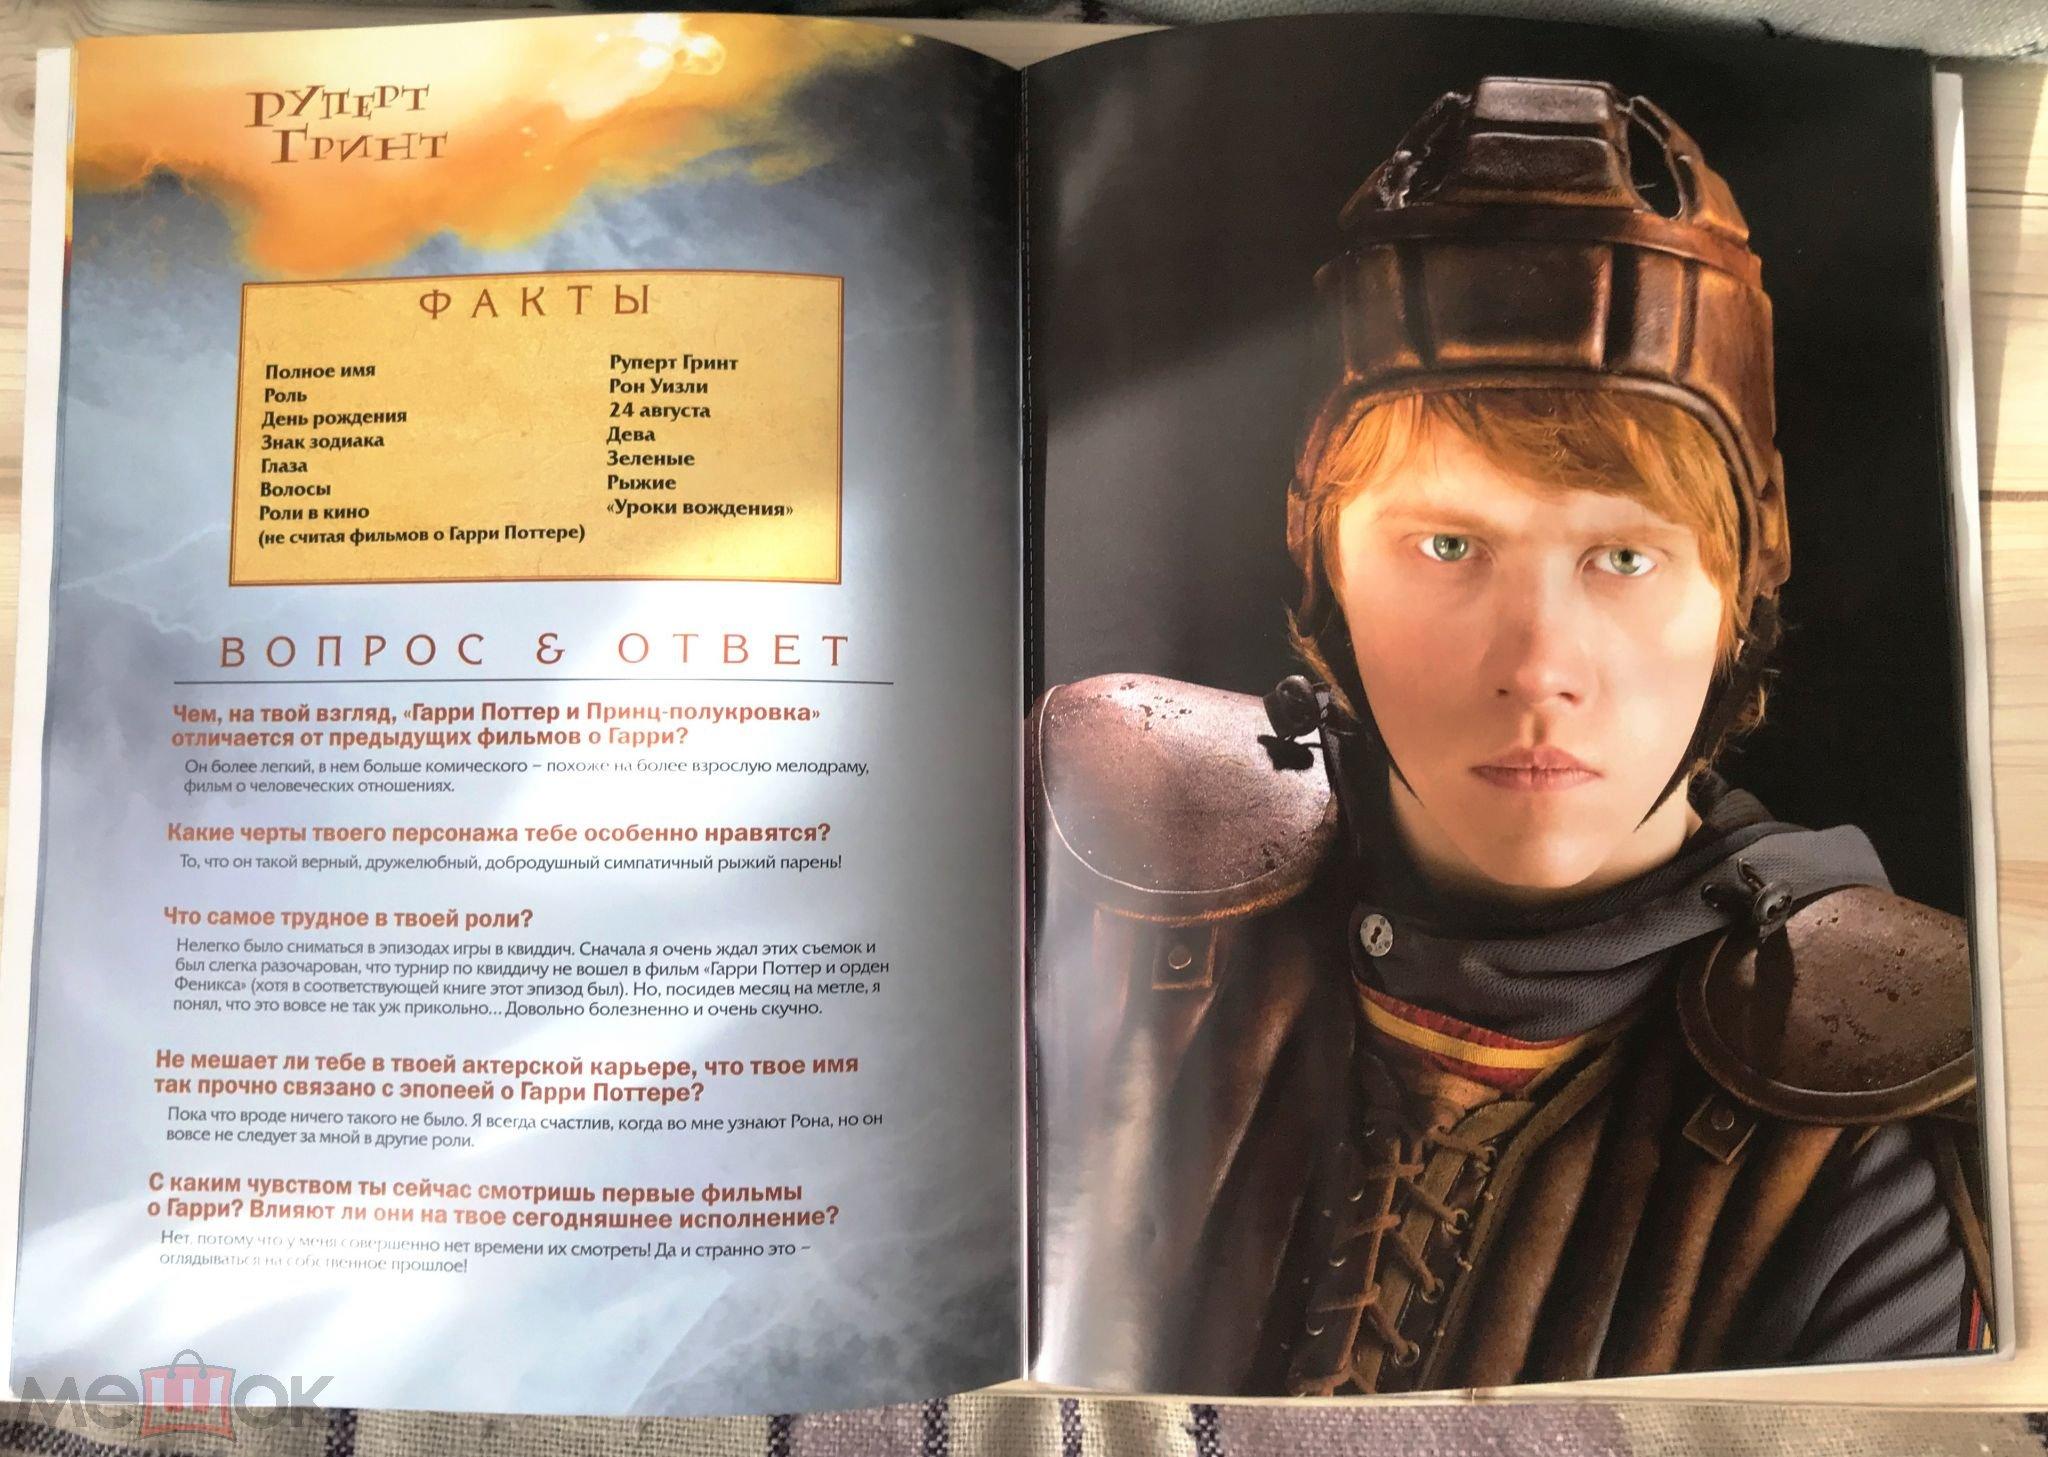 Гарри поттер и принц полукровка роли и актеры илья из сериала школа